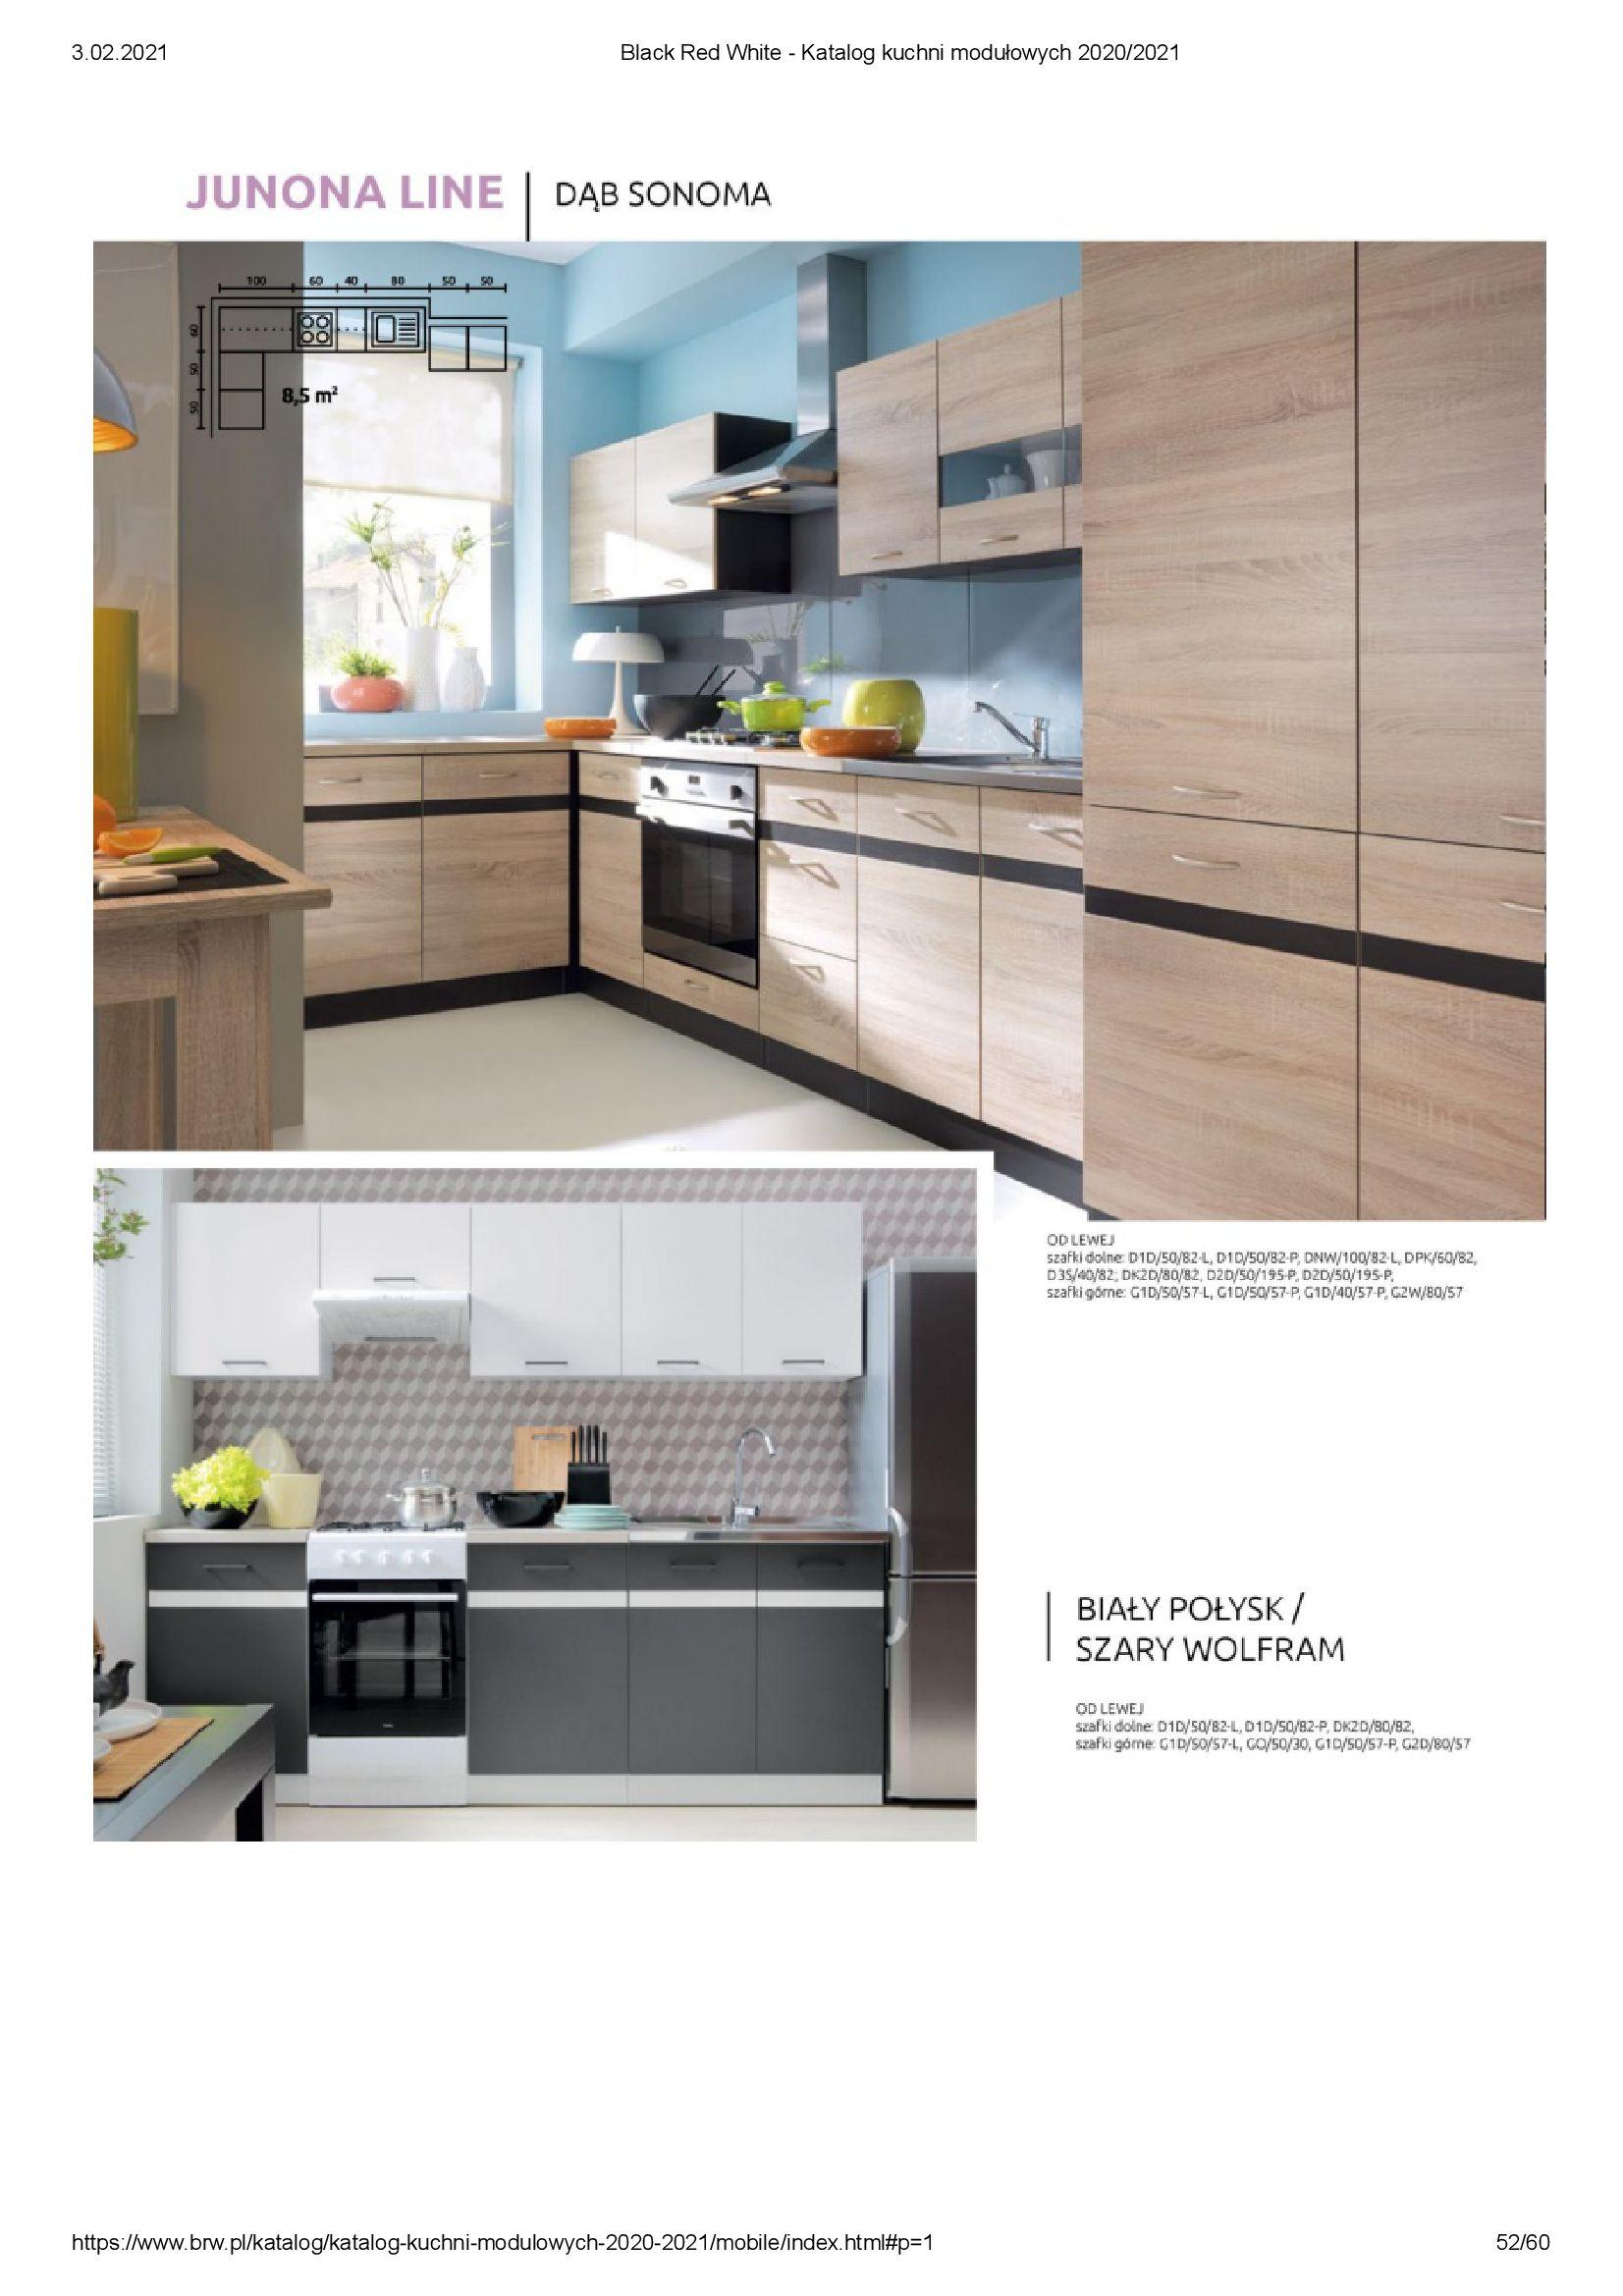 Gazetka Black Red White: Katalog - Kuchnie modułowe 2020/2021 2021-01-01 page-52